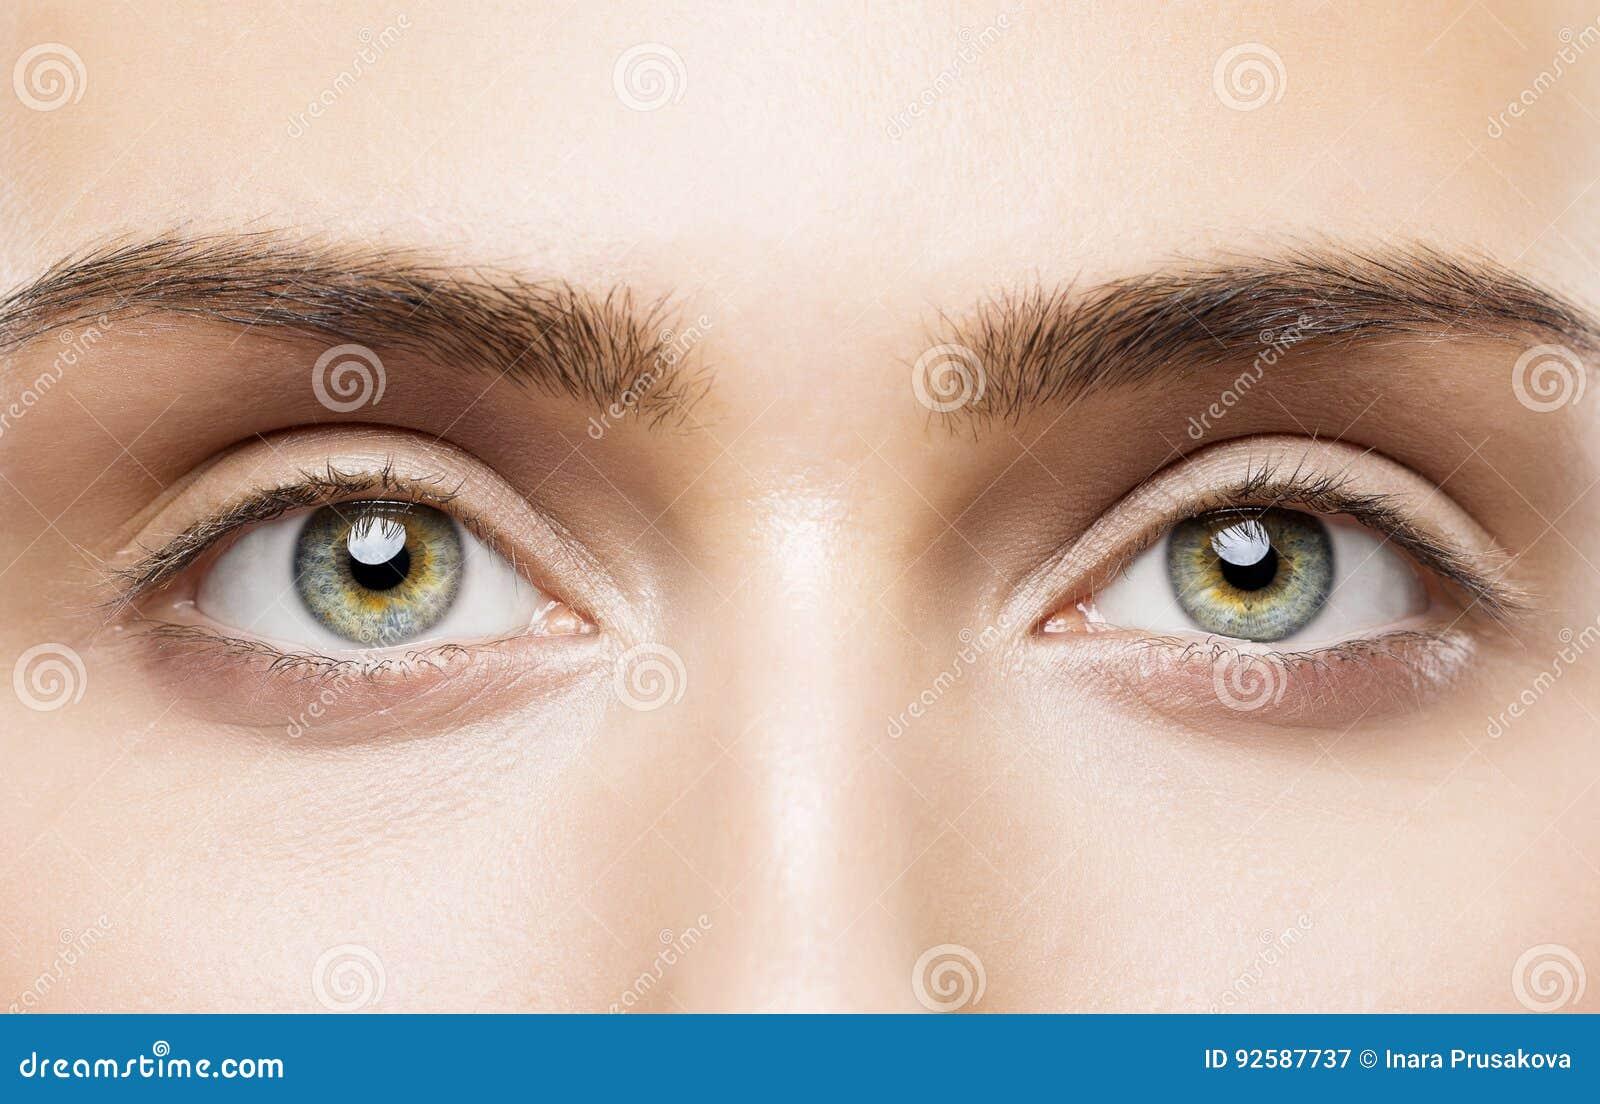 Frauen-Augen schließen oben, natürliches Make-up, junges Mädchen-Schönheits-Gesicht, Auge